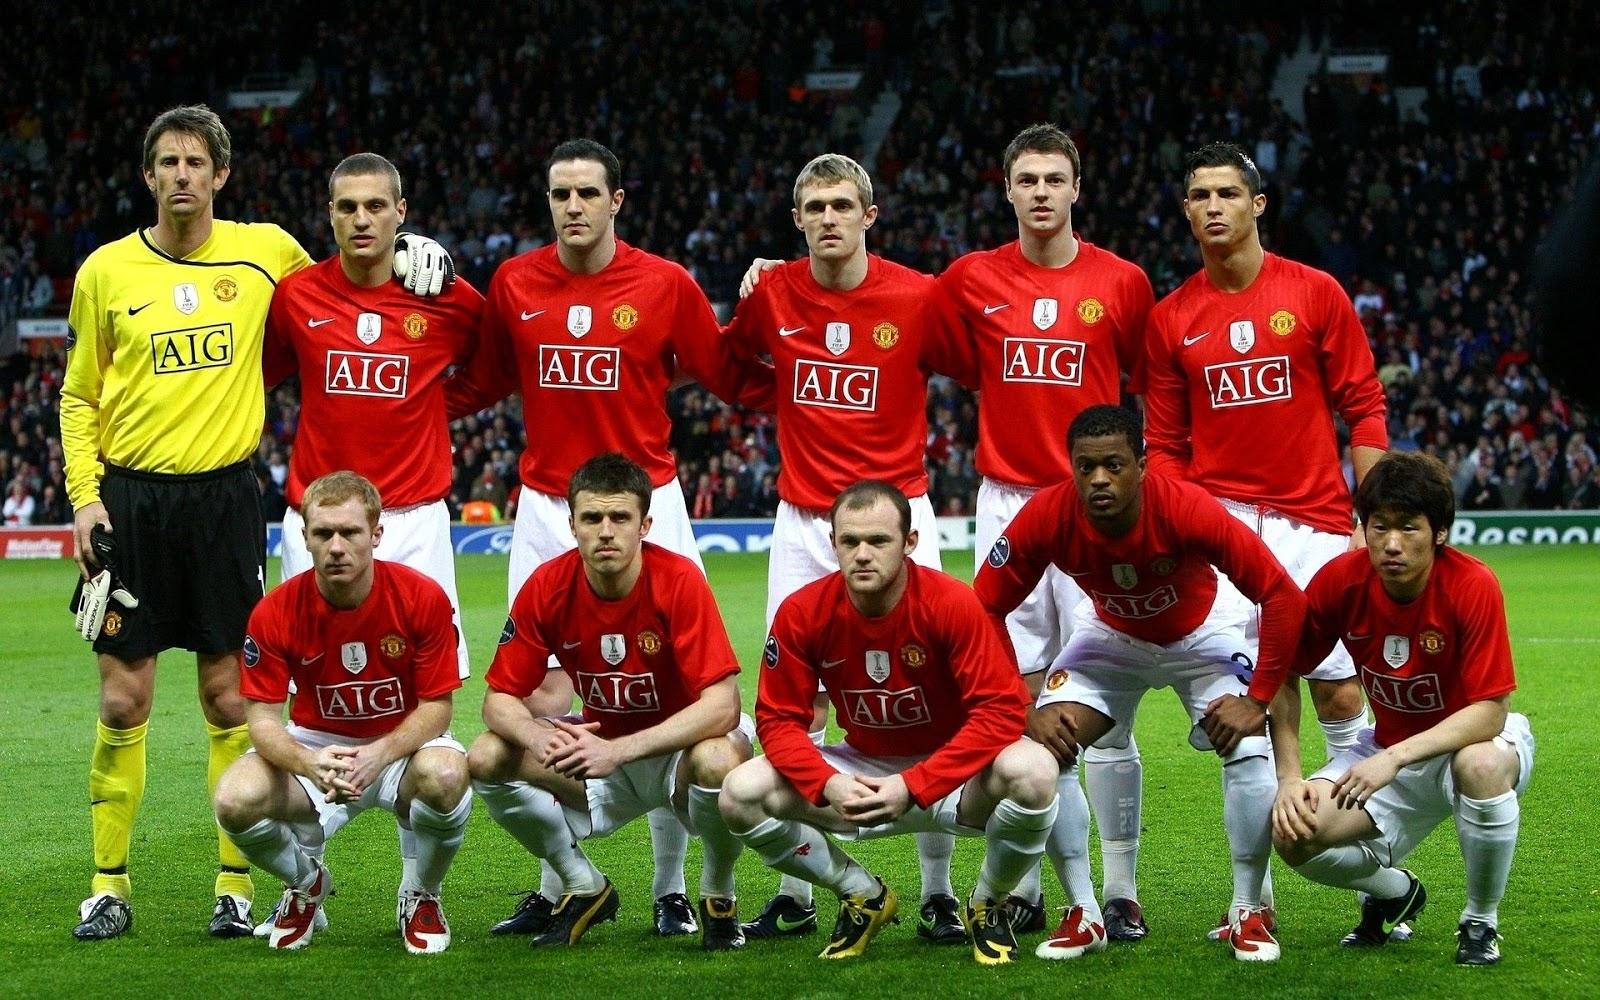 Premier league treble winners man utd squad in 2008